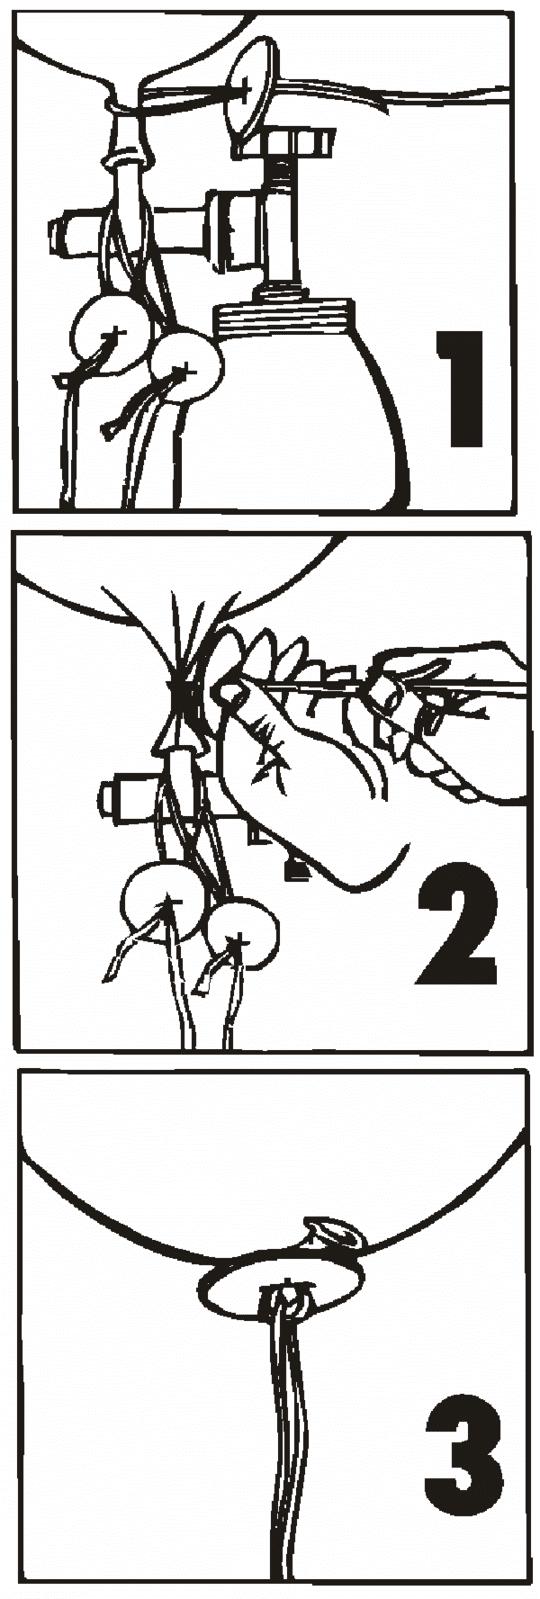 Luftballonverschluss Benutzungshinweis